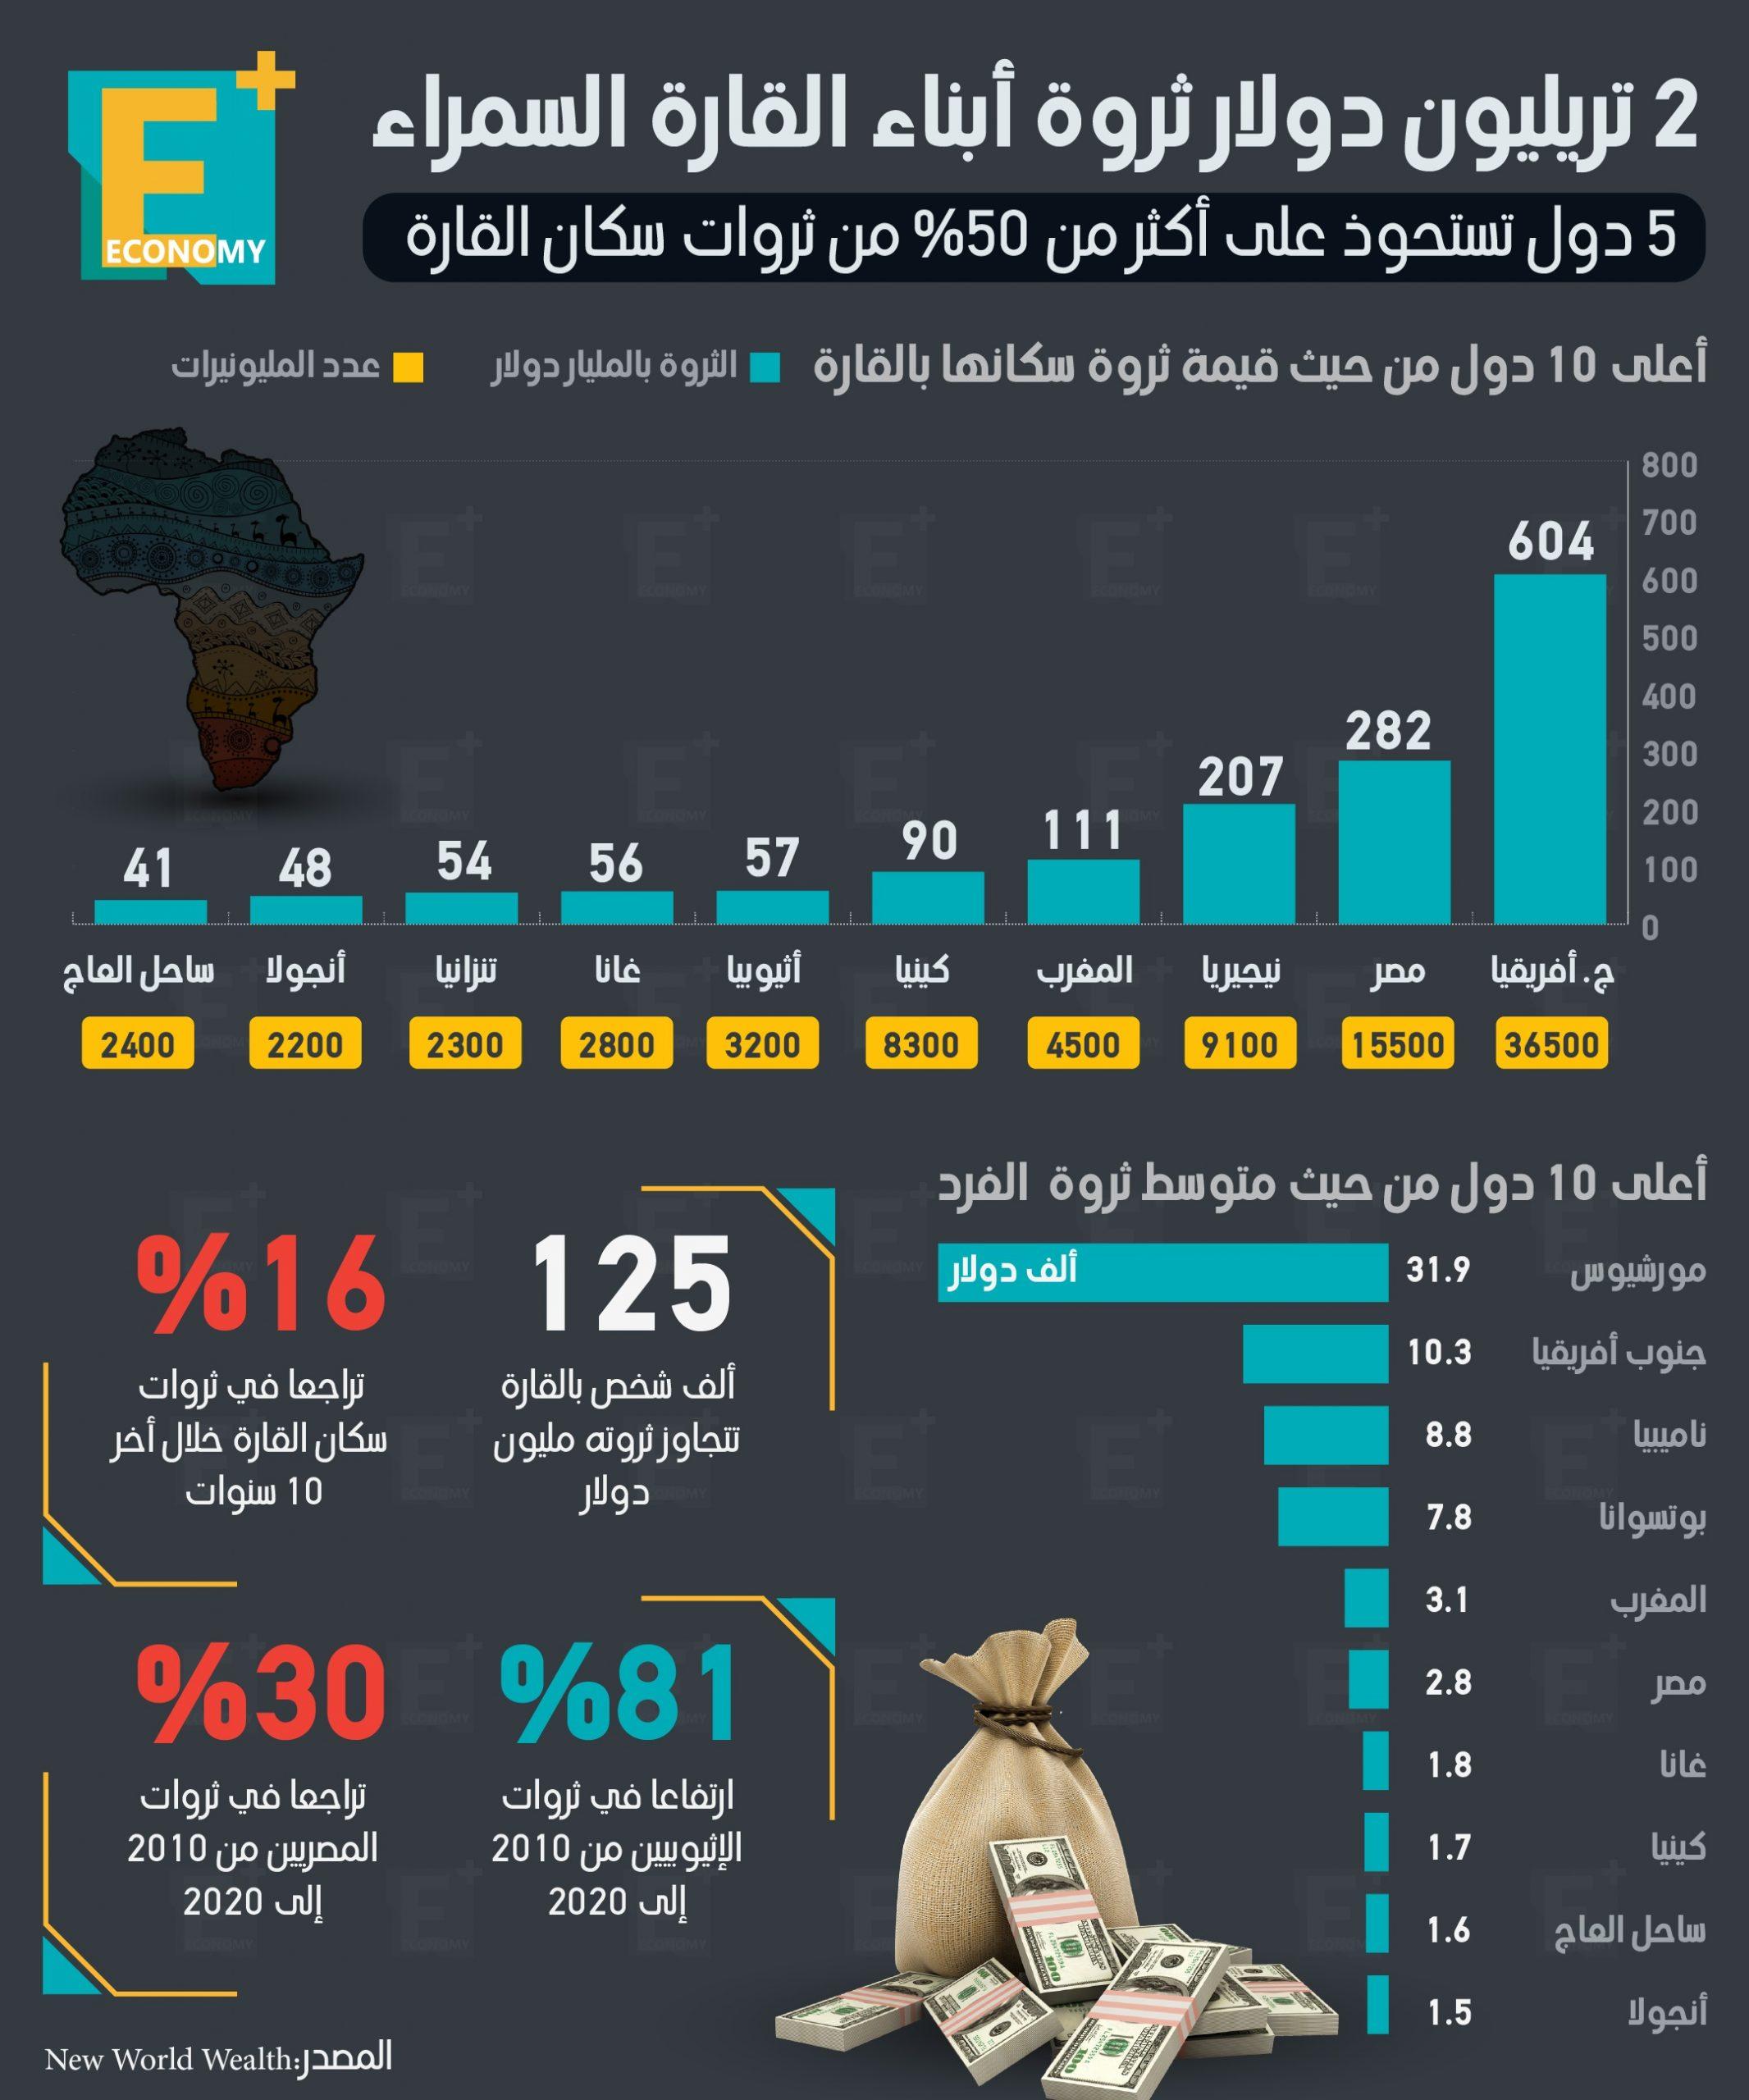 2 تريليون دولار ثروة أبناء القارة السمراء